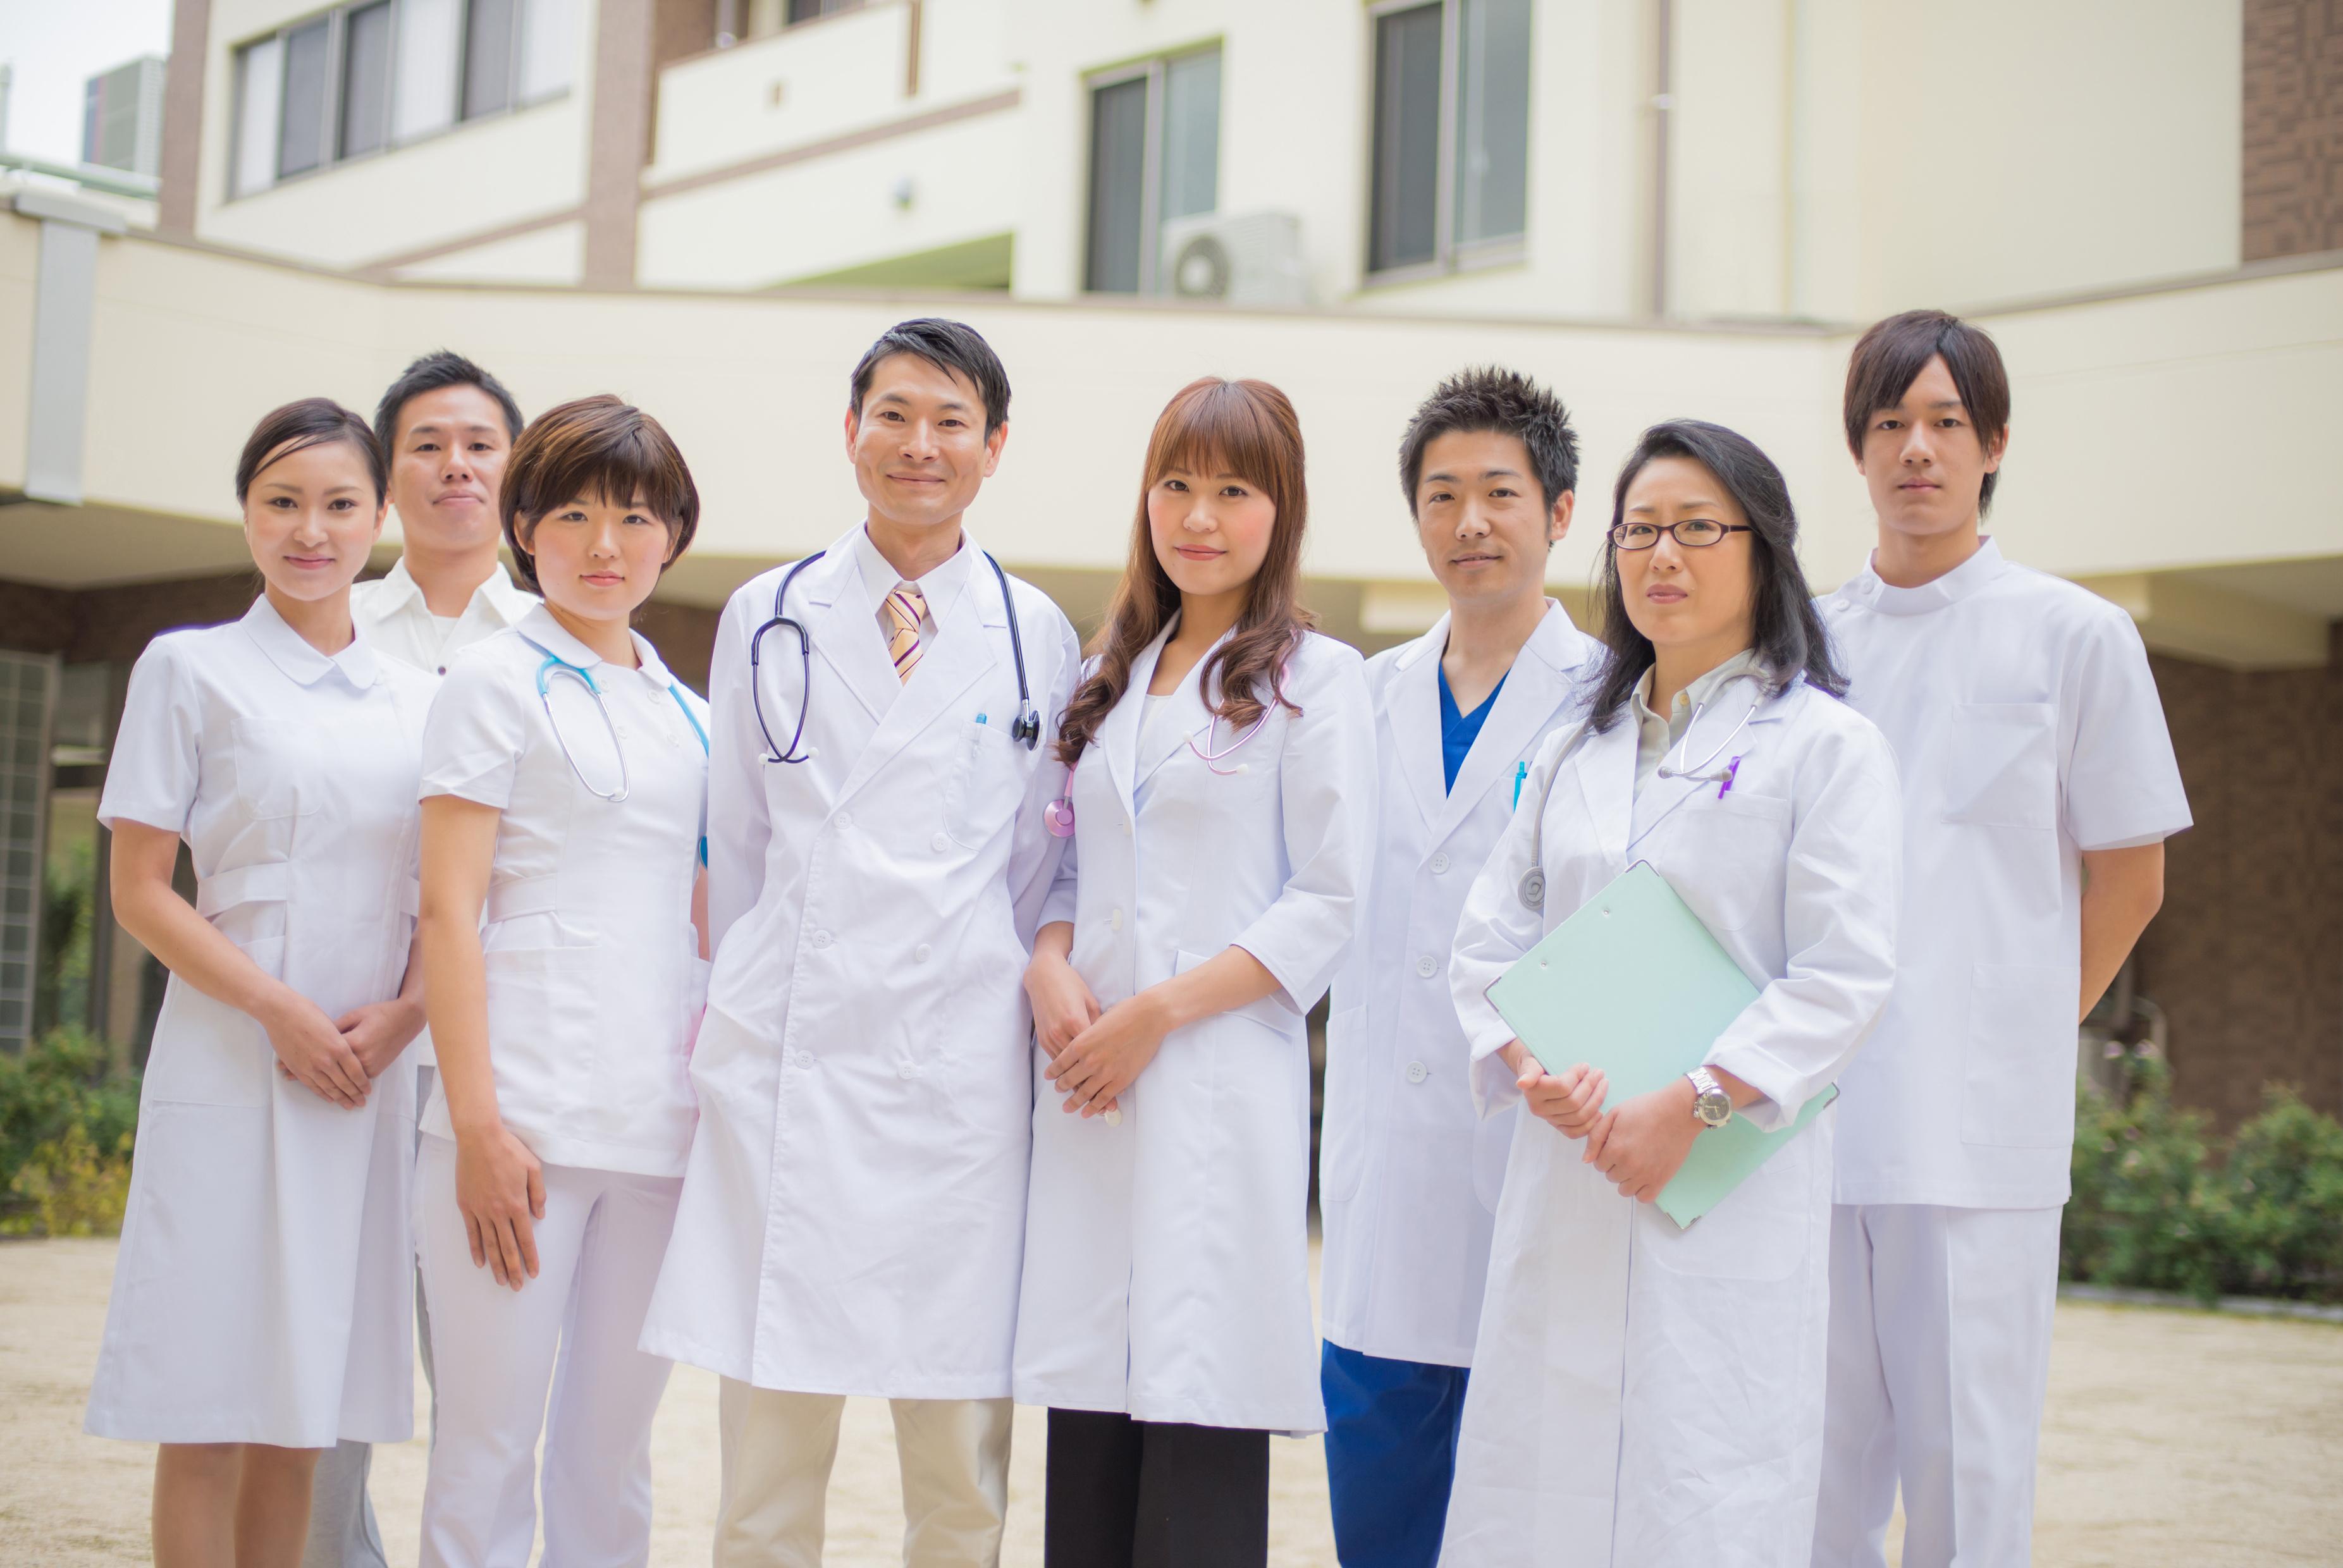 求人媒体の多様化で求職中の医師が分散